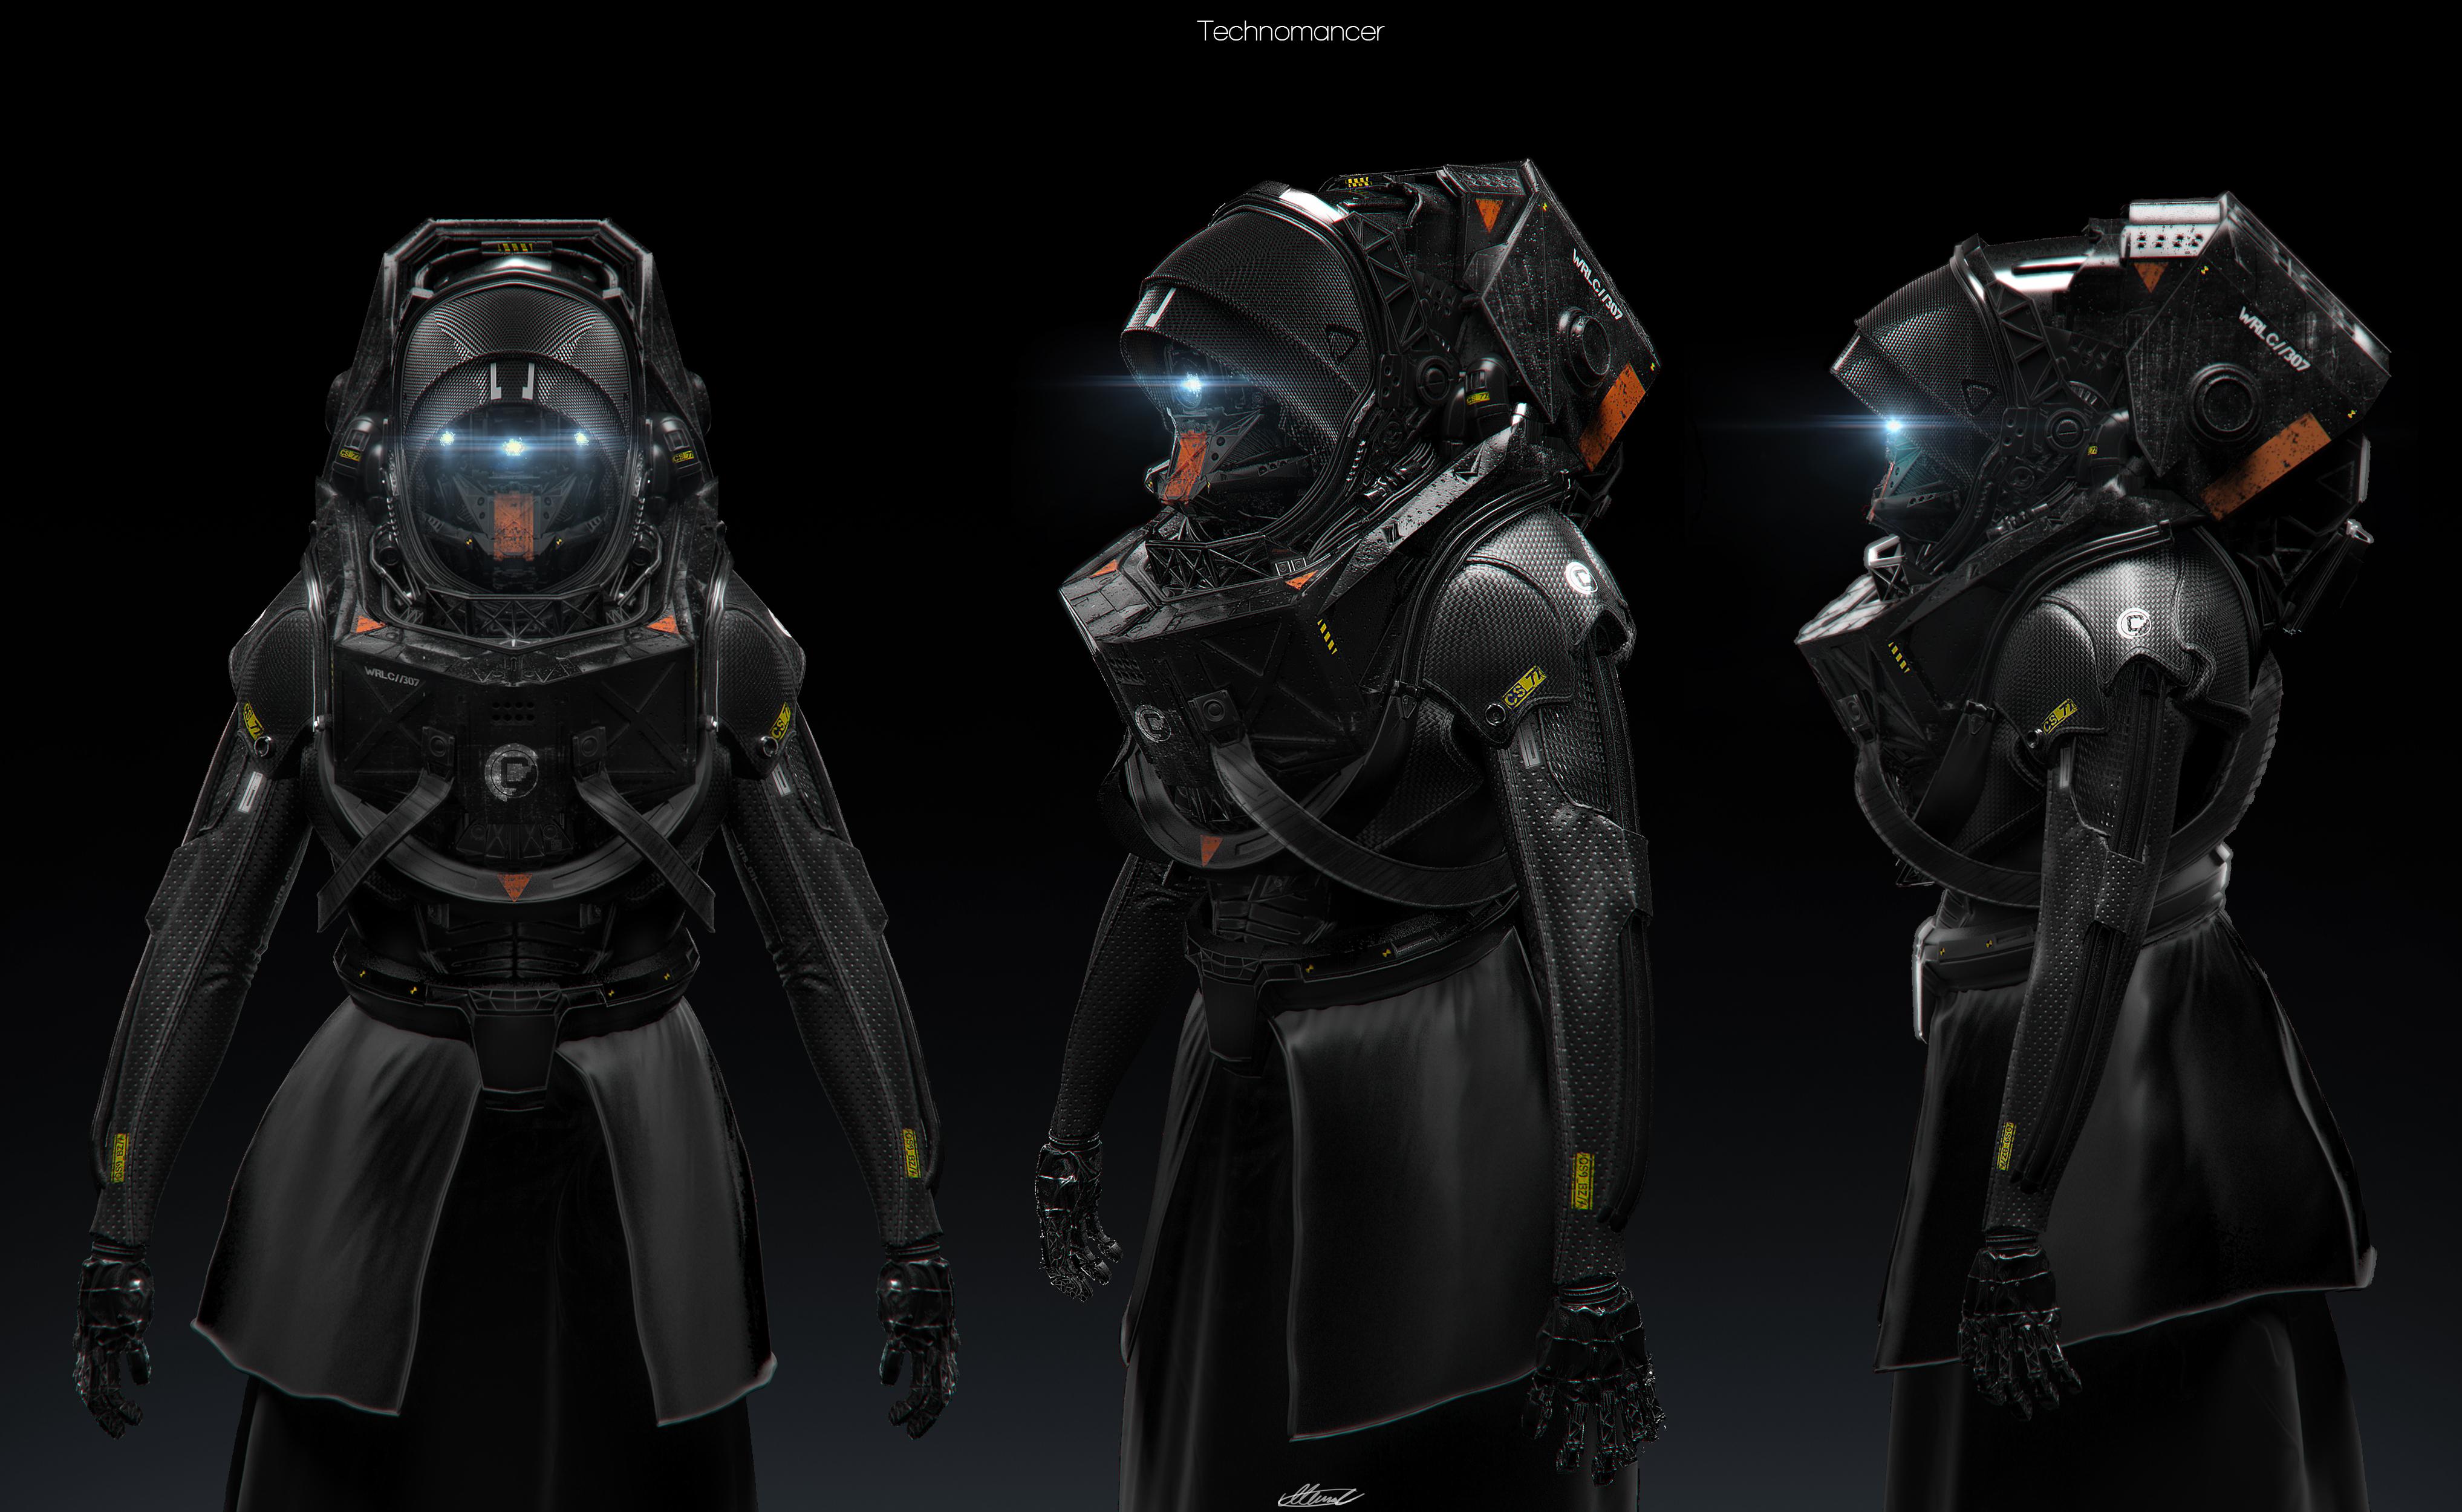 Technomancer by SeaMonkey1